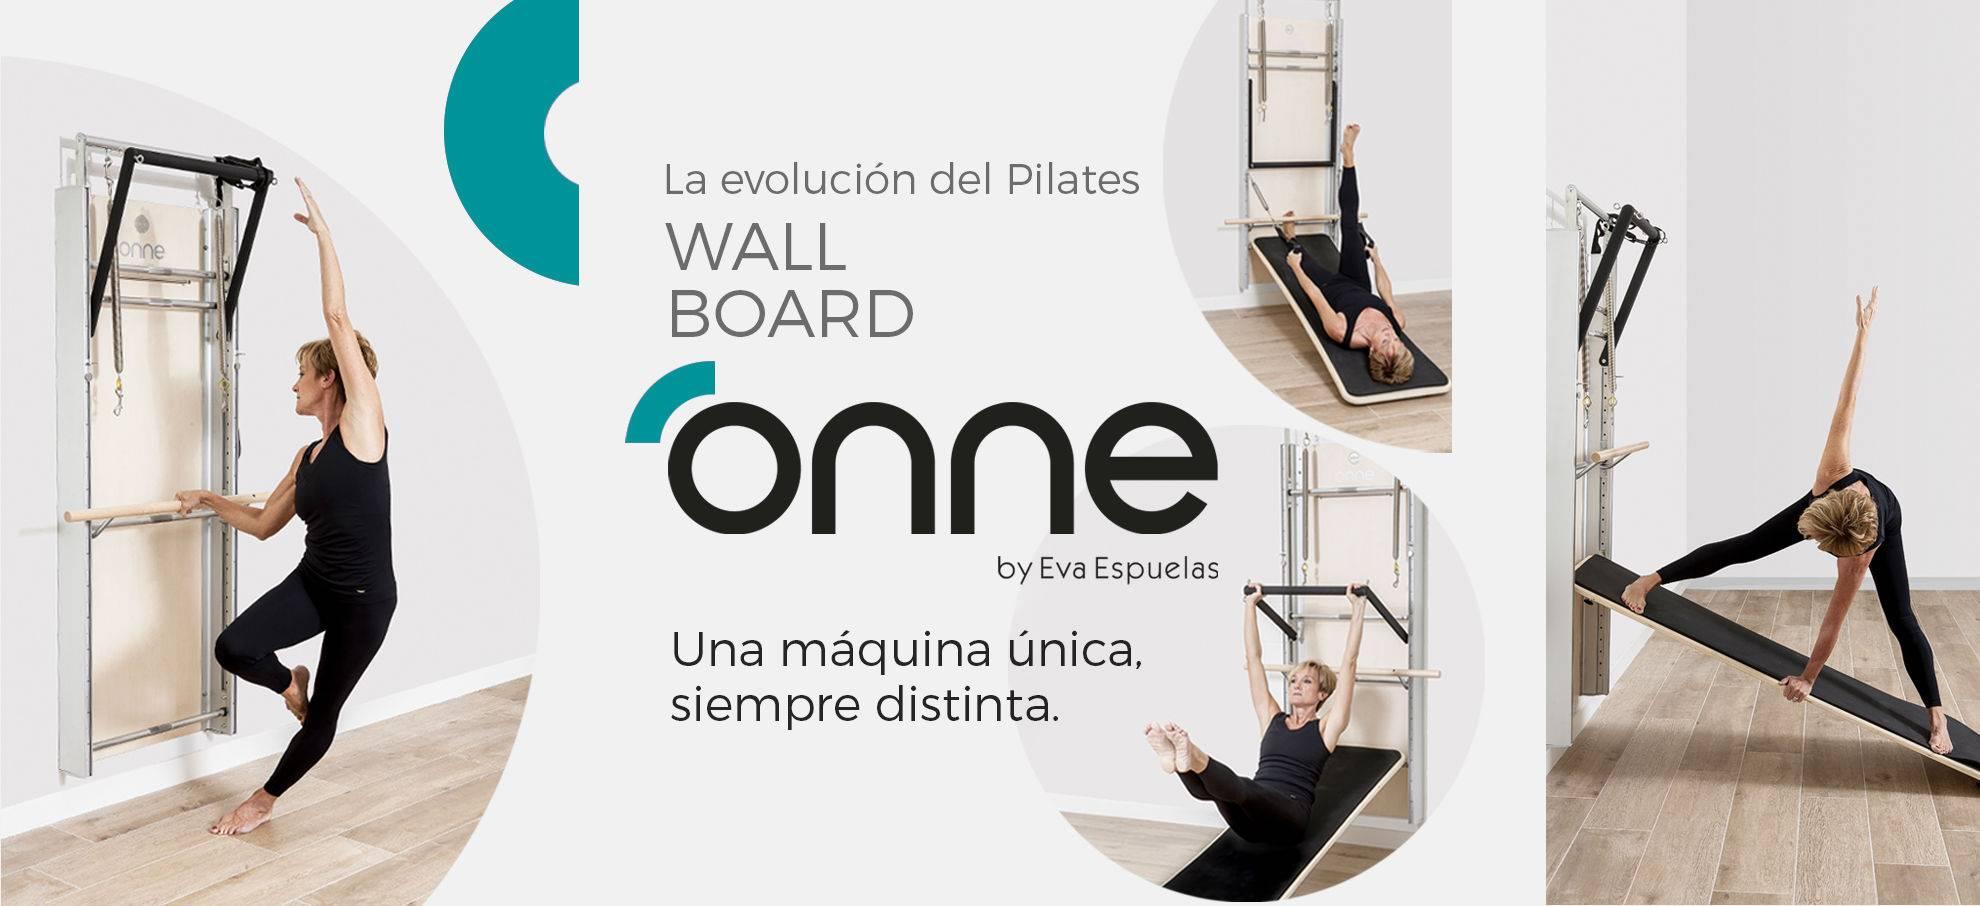 ONNE Wall Board